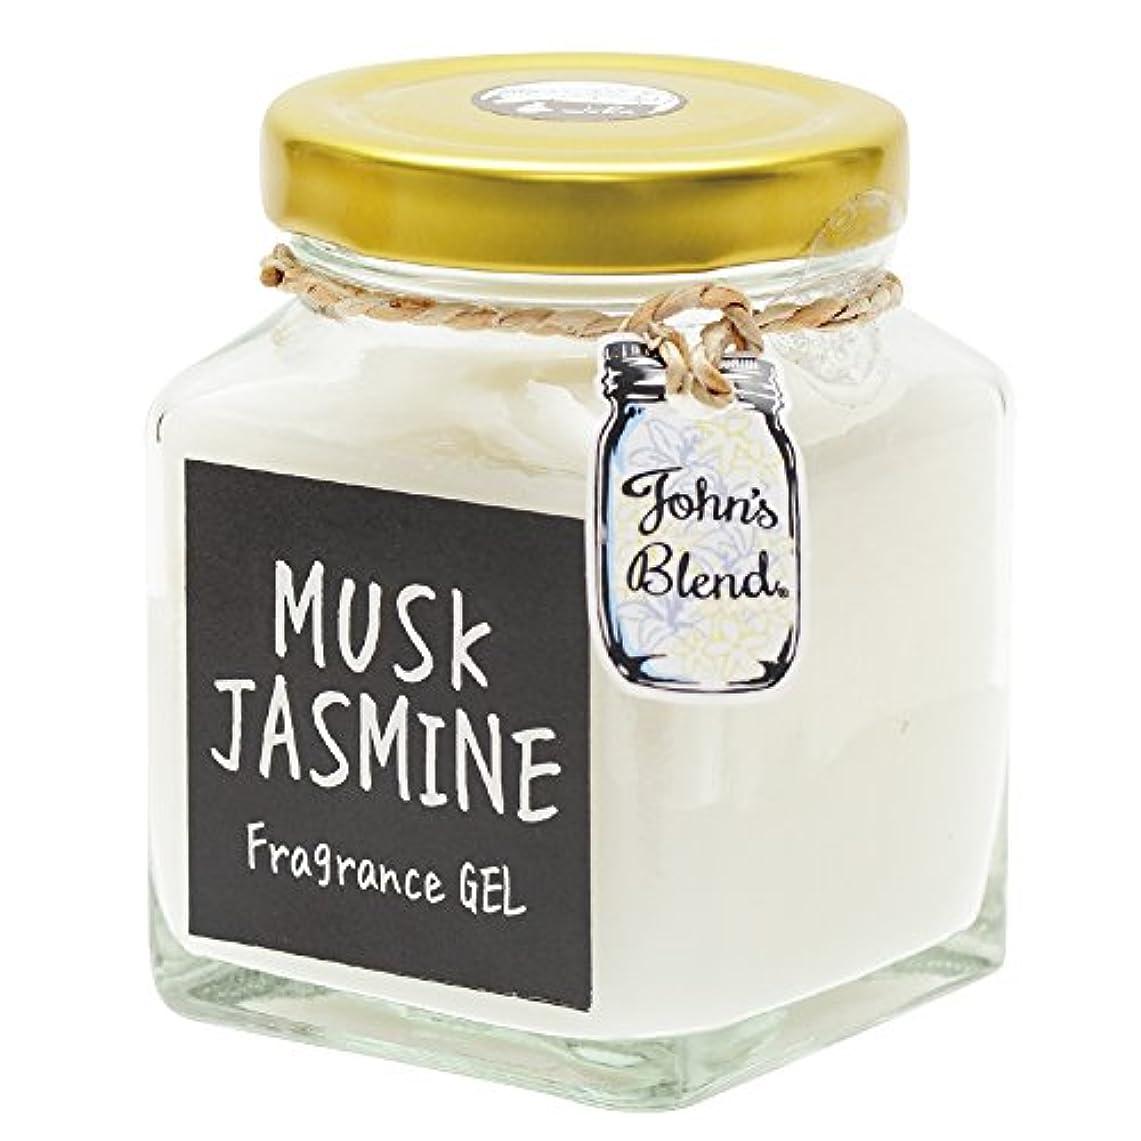 評判簡潔なボイコットノルコーポレーション John's Blend ルームフレグランス フレグランスジェル OA-JON-4-6 ムスクジャスミンの香り 135g